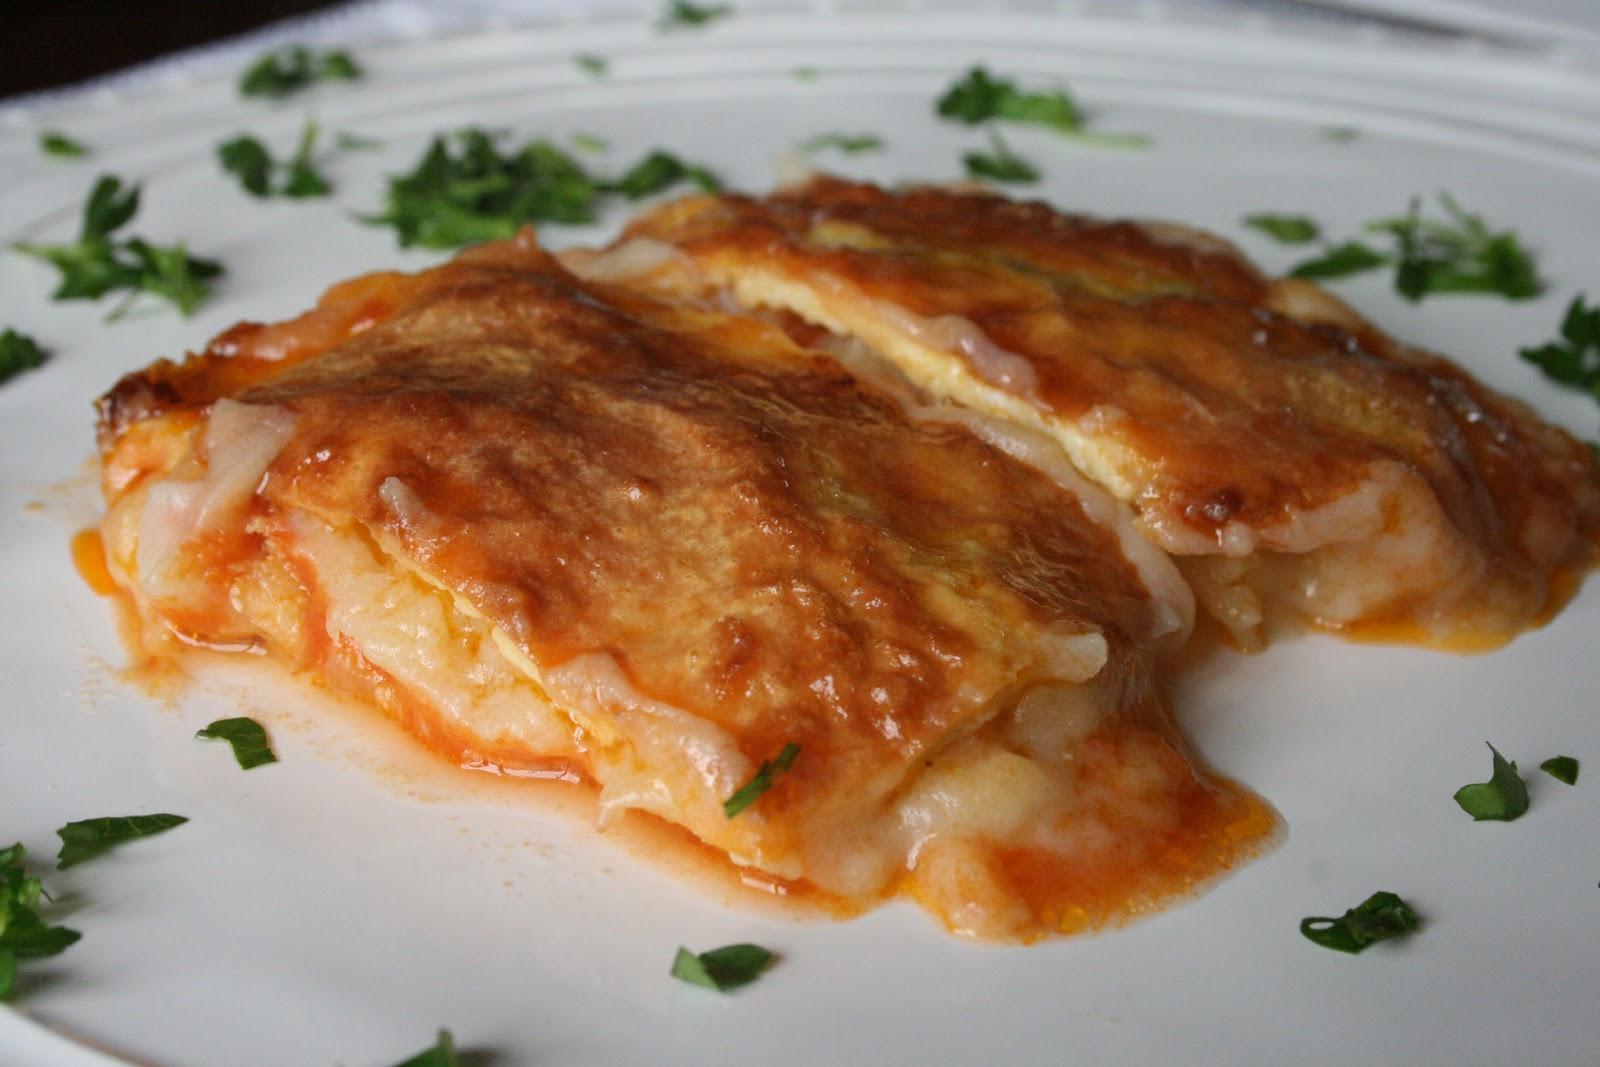 Aprendiendo a cocinar receta de mi abuela pilar bacalao a lo pobre - Cocinar bacalao desalado ...